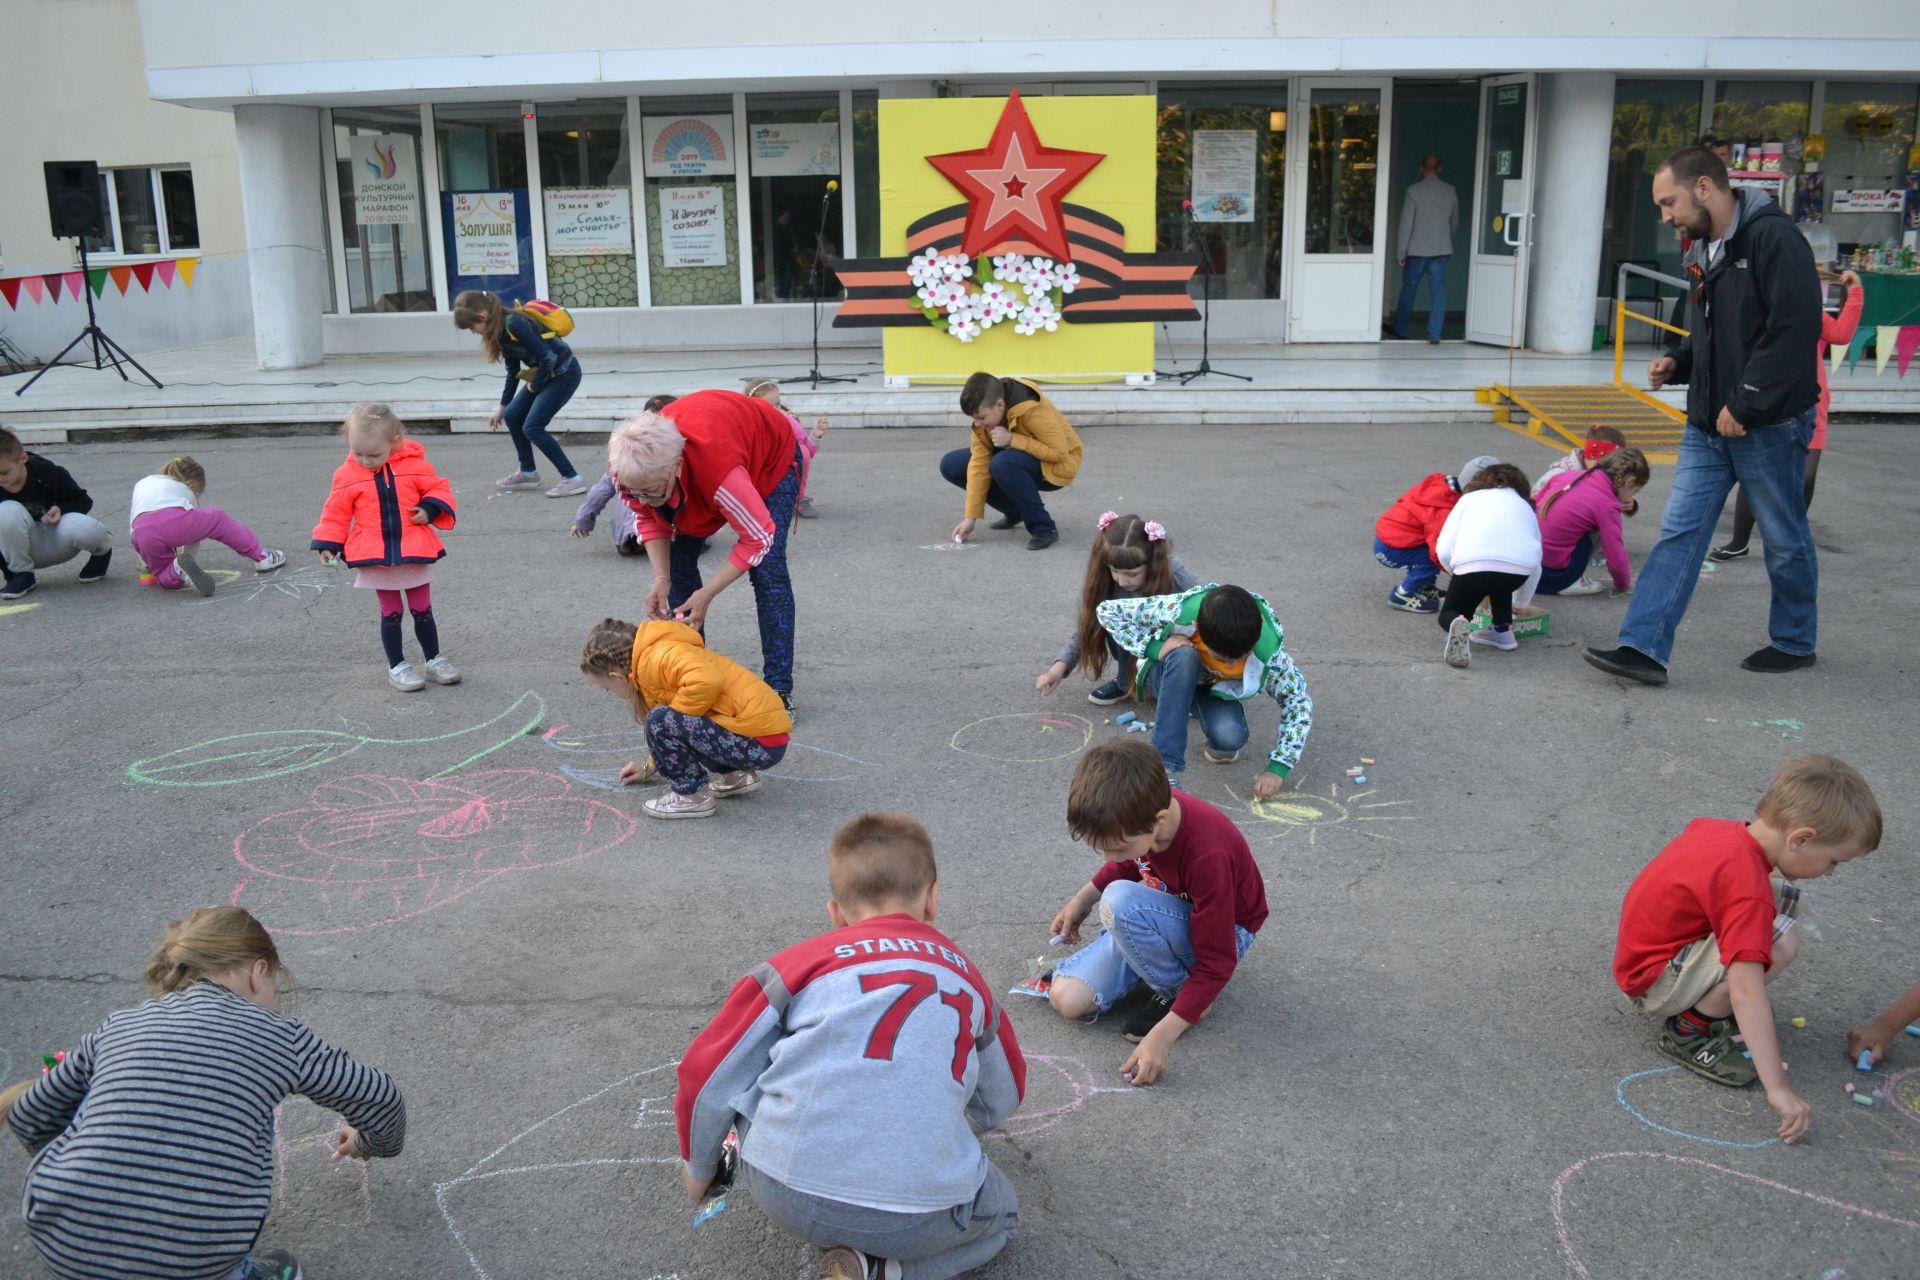 Конкурс рисунков на асфальте состоялся в микрорайоне Донском